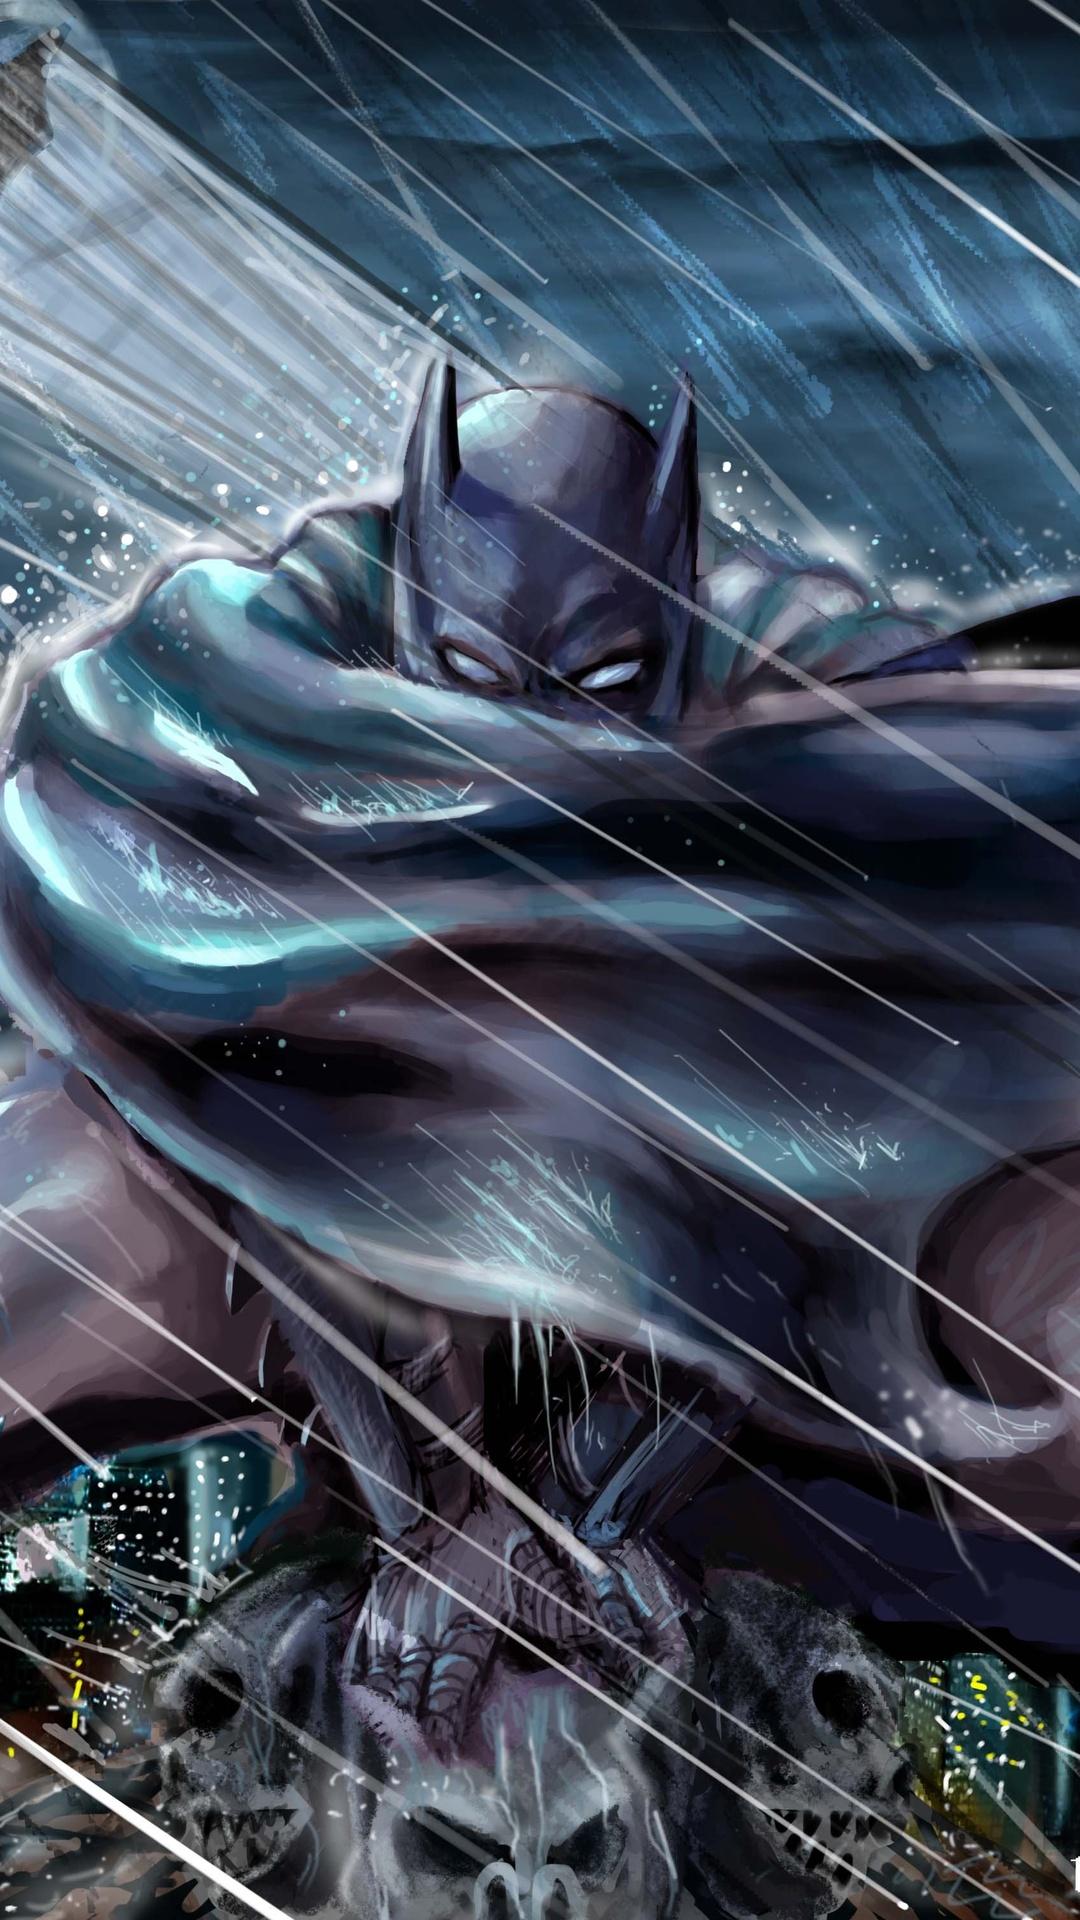 1080x1920 Batman Gotham Roof Top Protecter Iphone 7 6s 6